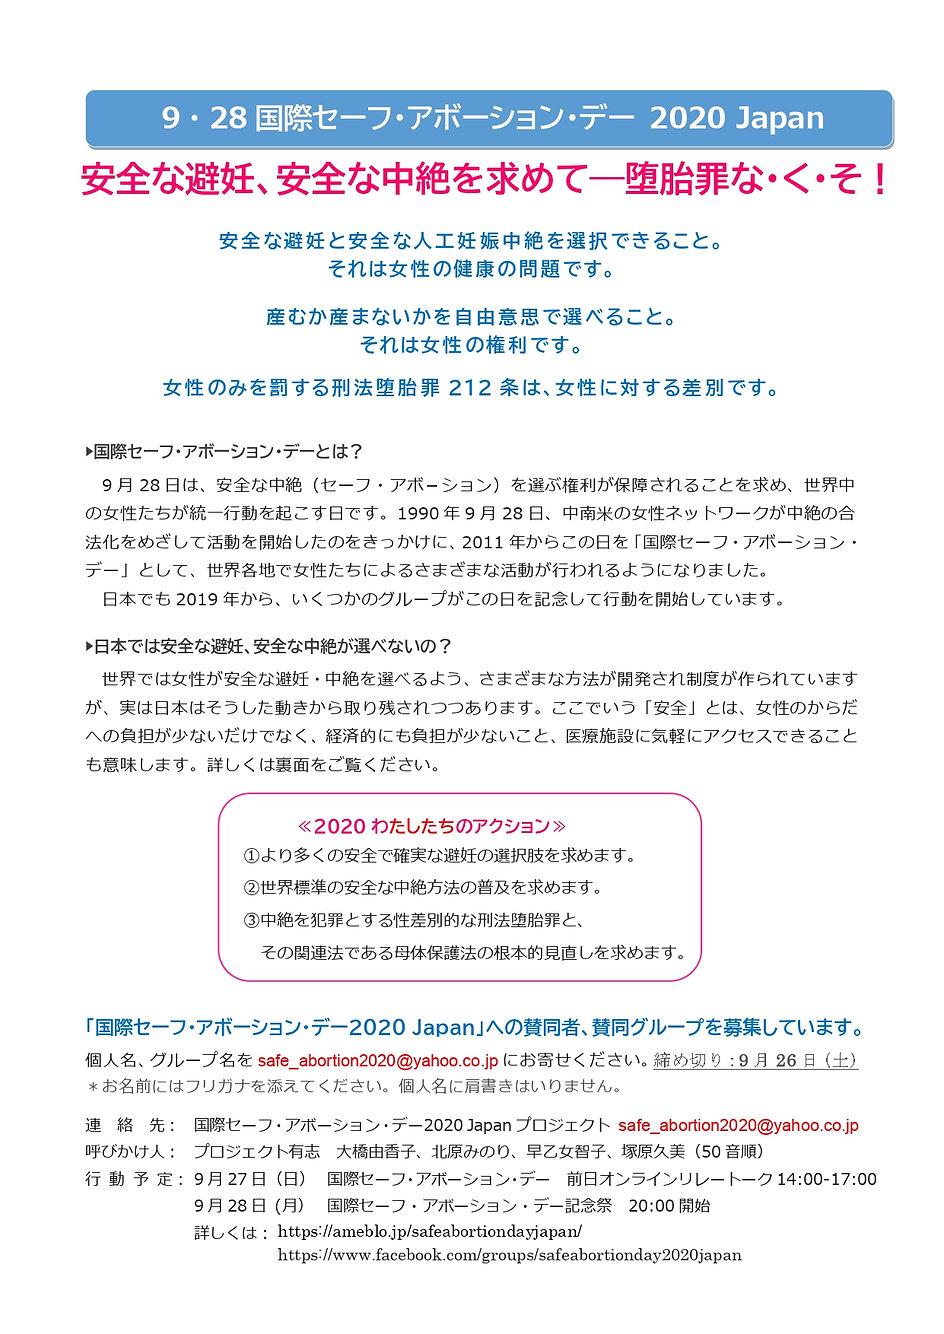 2020呼びかけ文日本語_page-0001.jpg